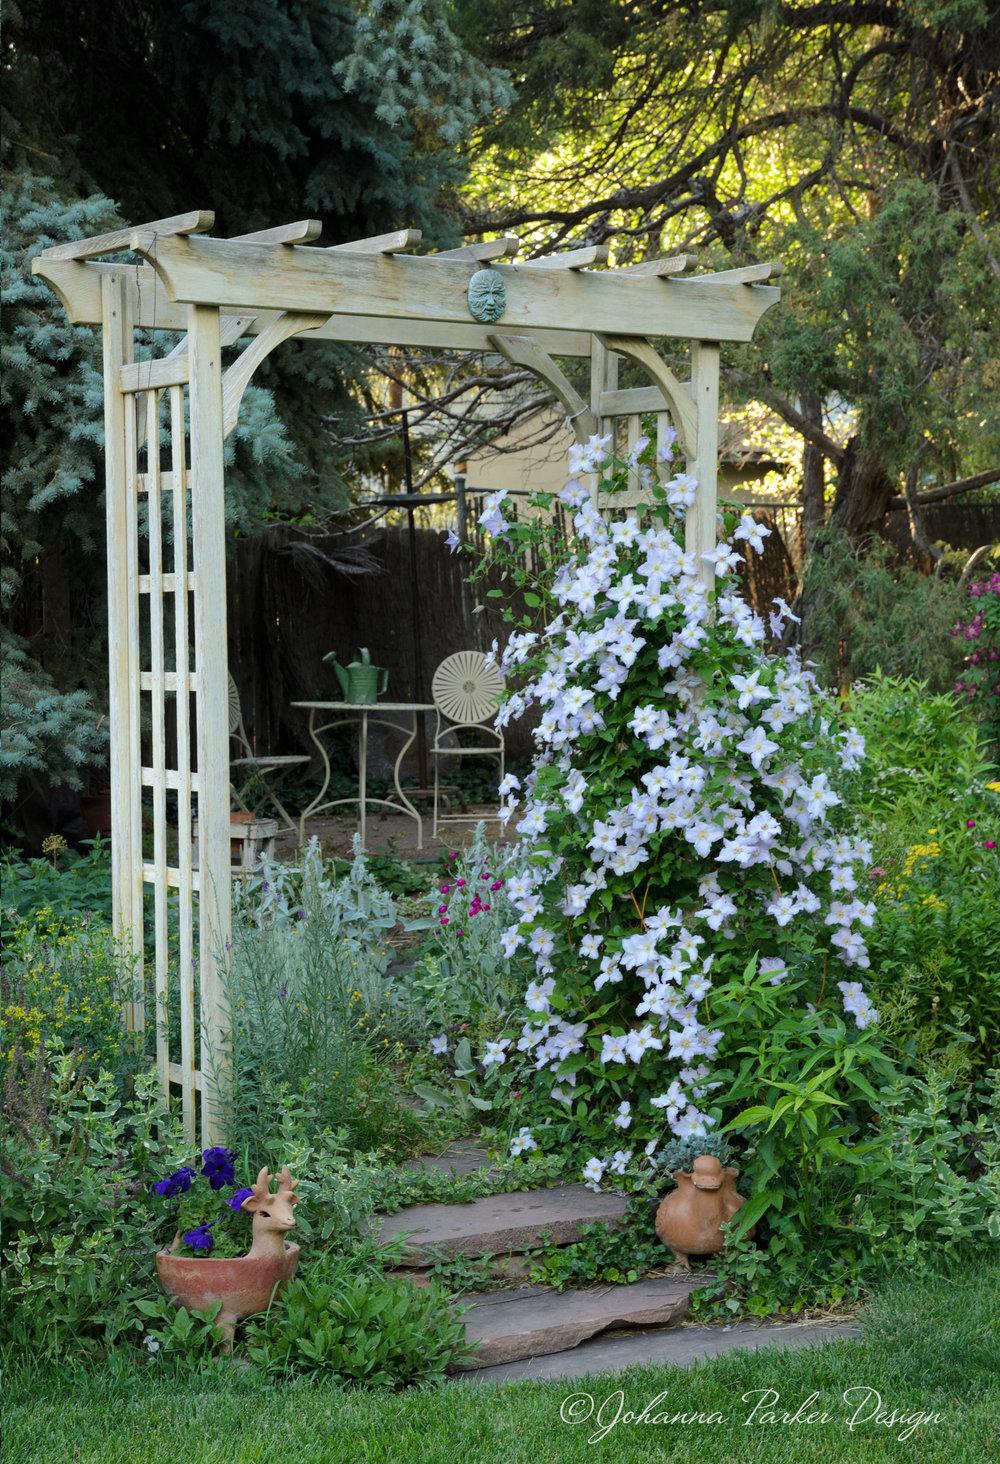 Garden arbor with clematis